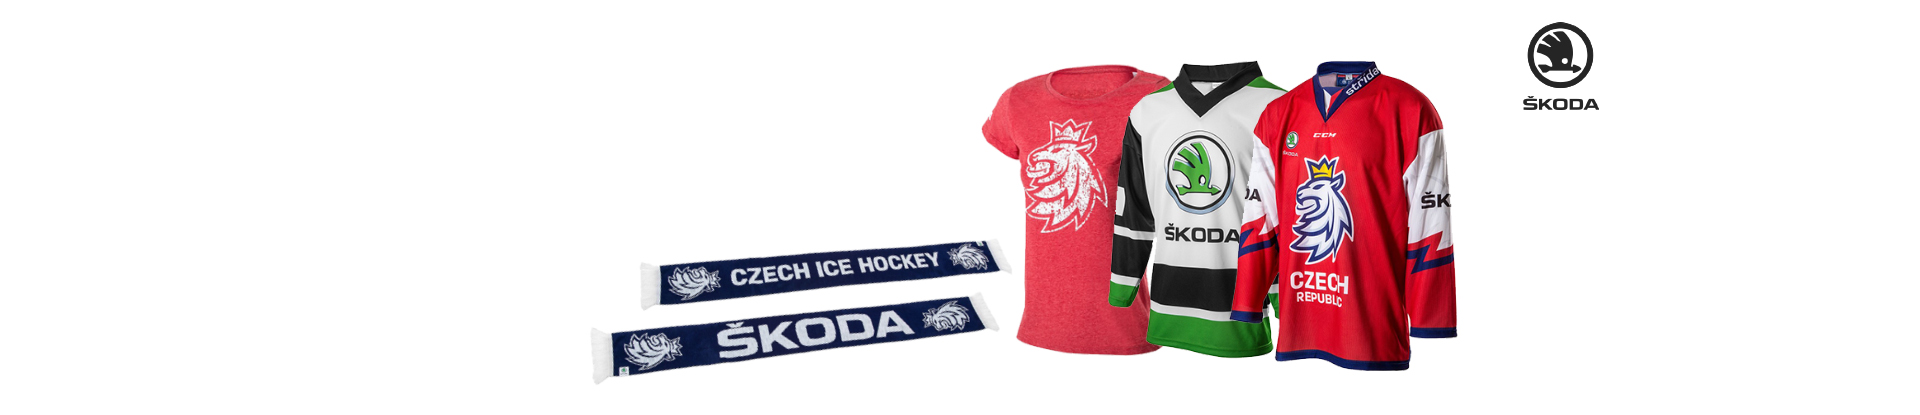 Objevte hokejovou kolekci